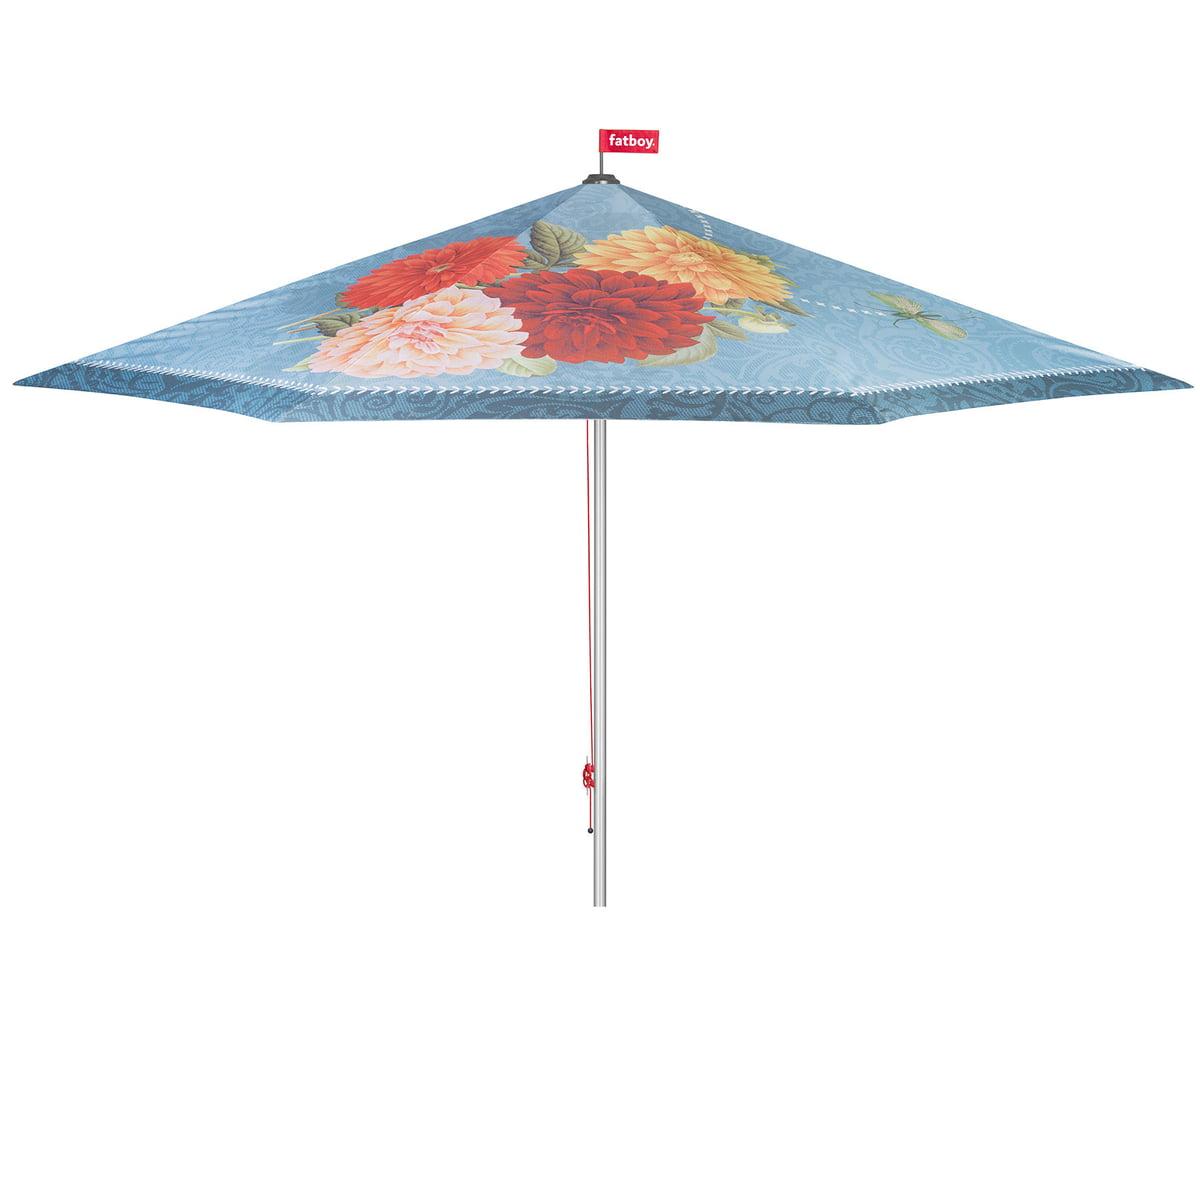 Fatboy - Parasolasido Sonnenschirm | Garten > Sonnenschirme und Markisen | Mehrfarbig | Fatboy